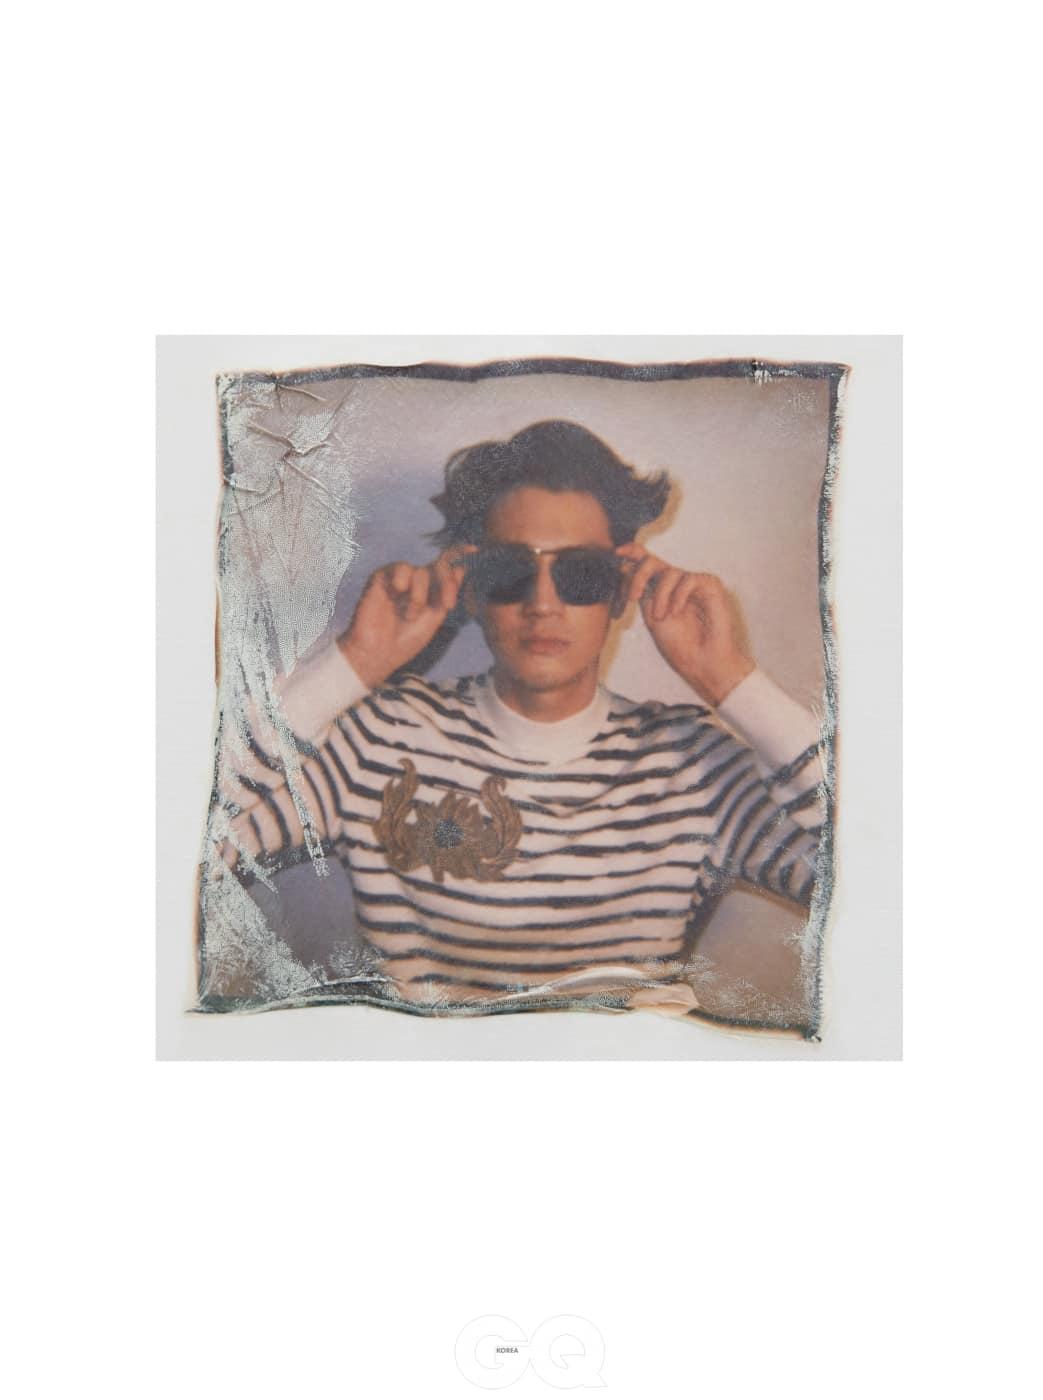 줄무늬 몽크넥 가격 미정, 알렌산더 맥퀸 by 분더샵. 상탈 선글라스 가격 미정, 루이 비통.